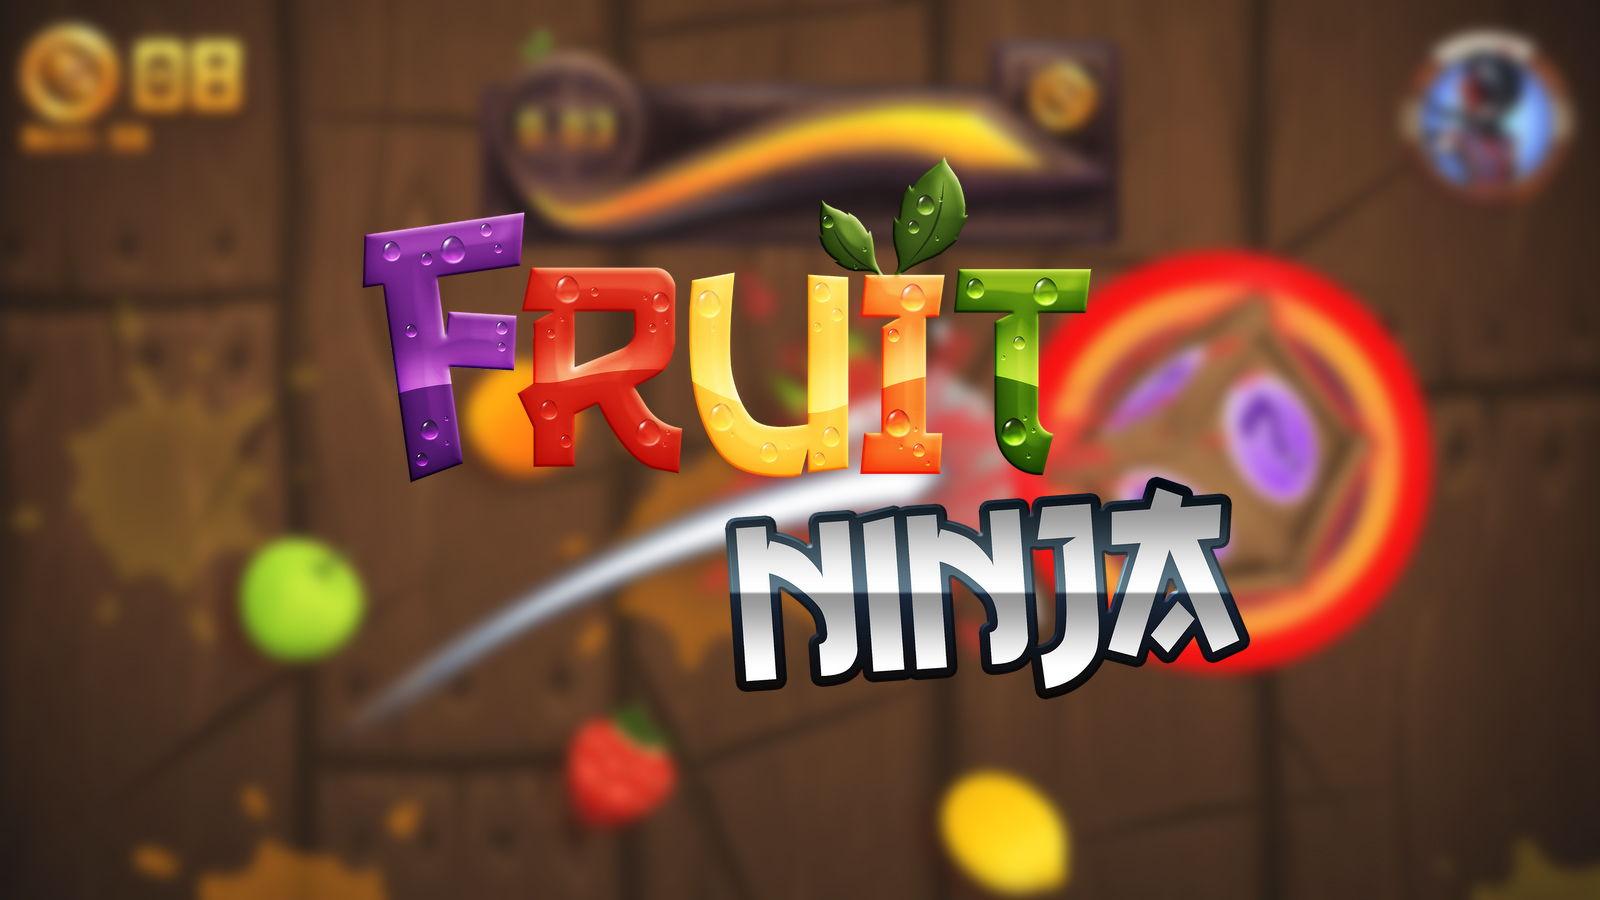 Fruit ninja - скачать бесплатно, freemyapps, общий аккаунт